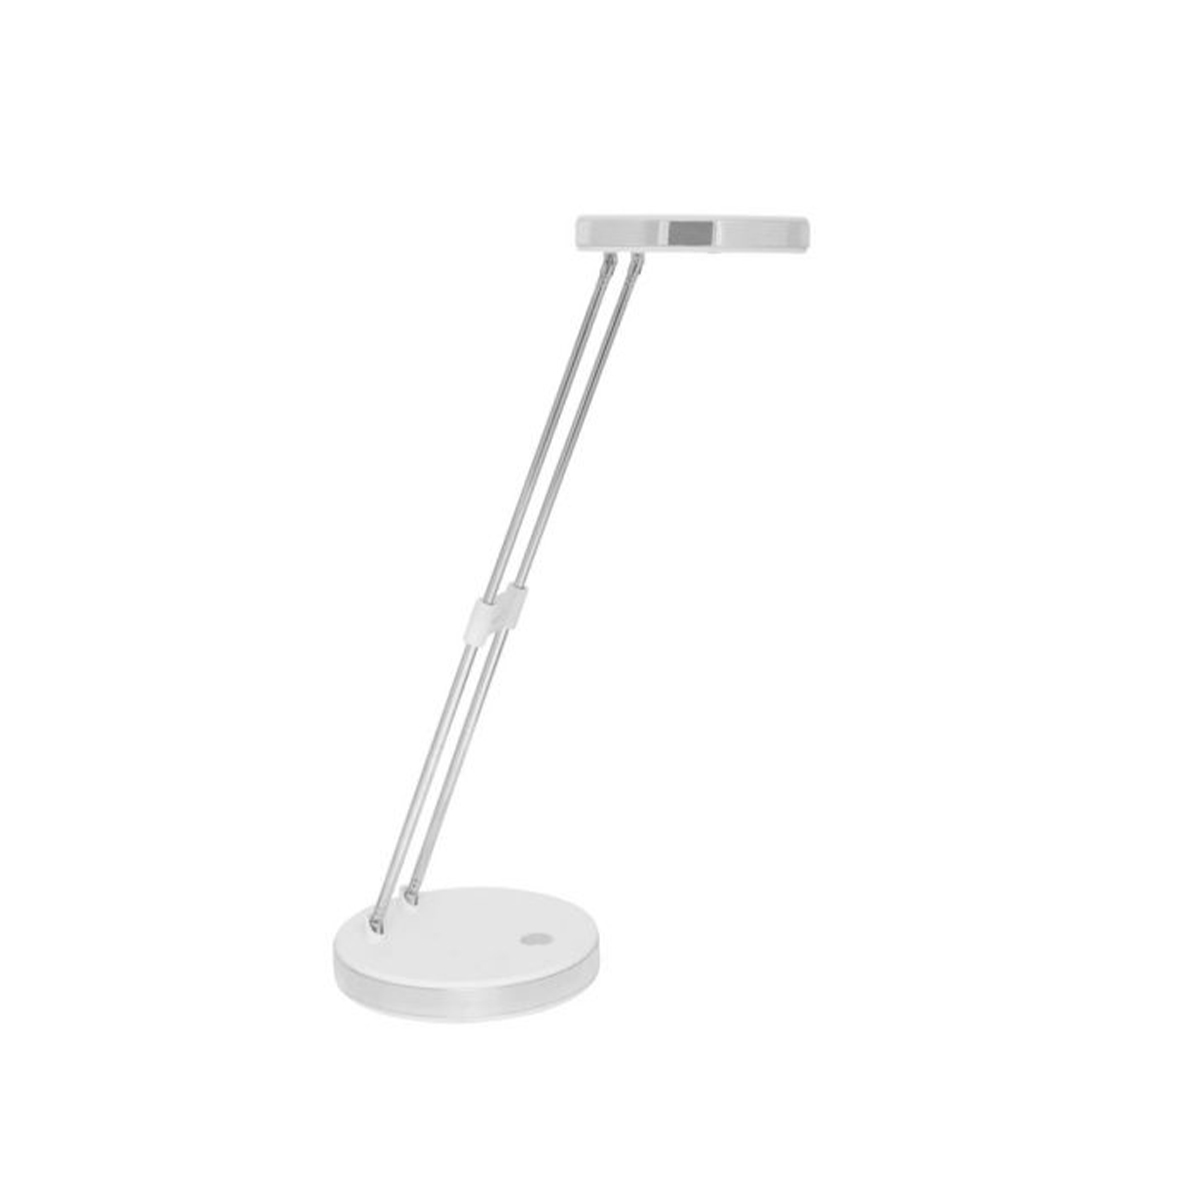 Maul bureaulamp - Puck